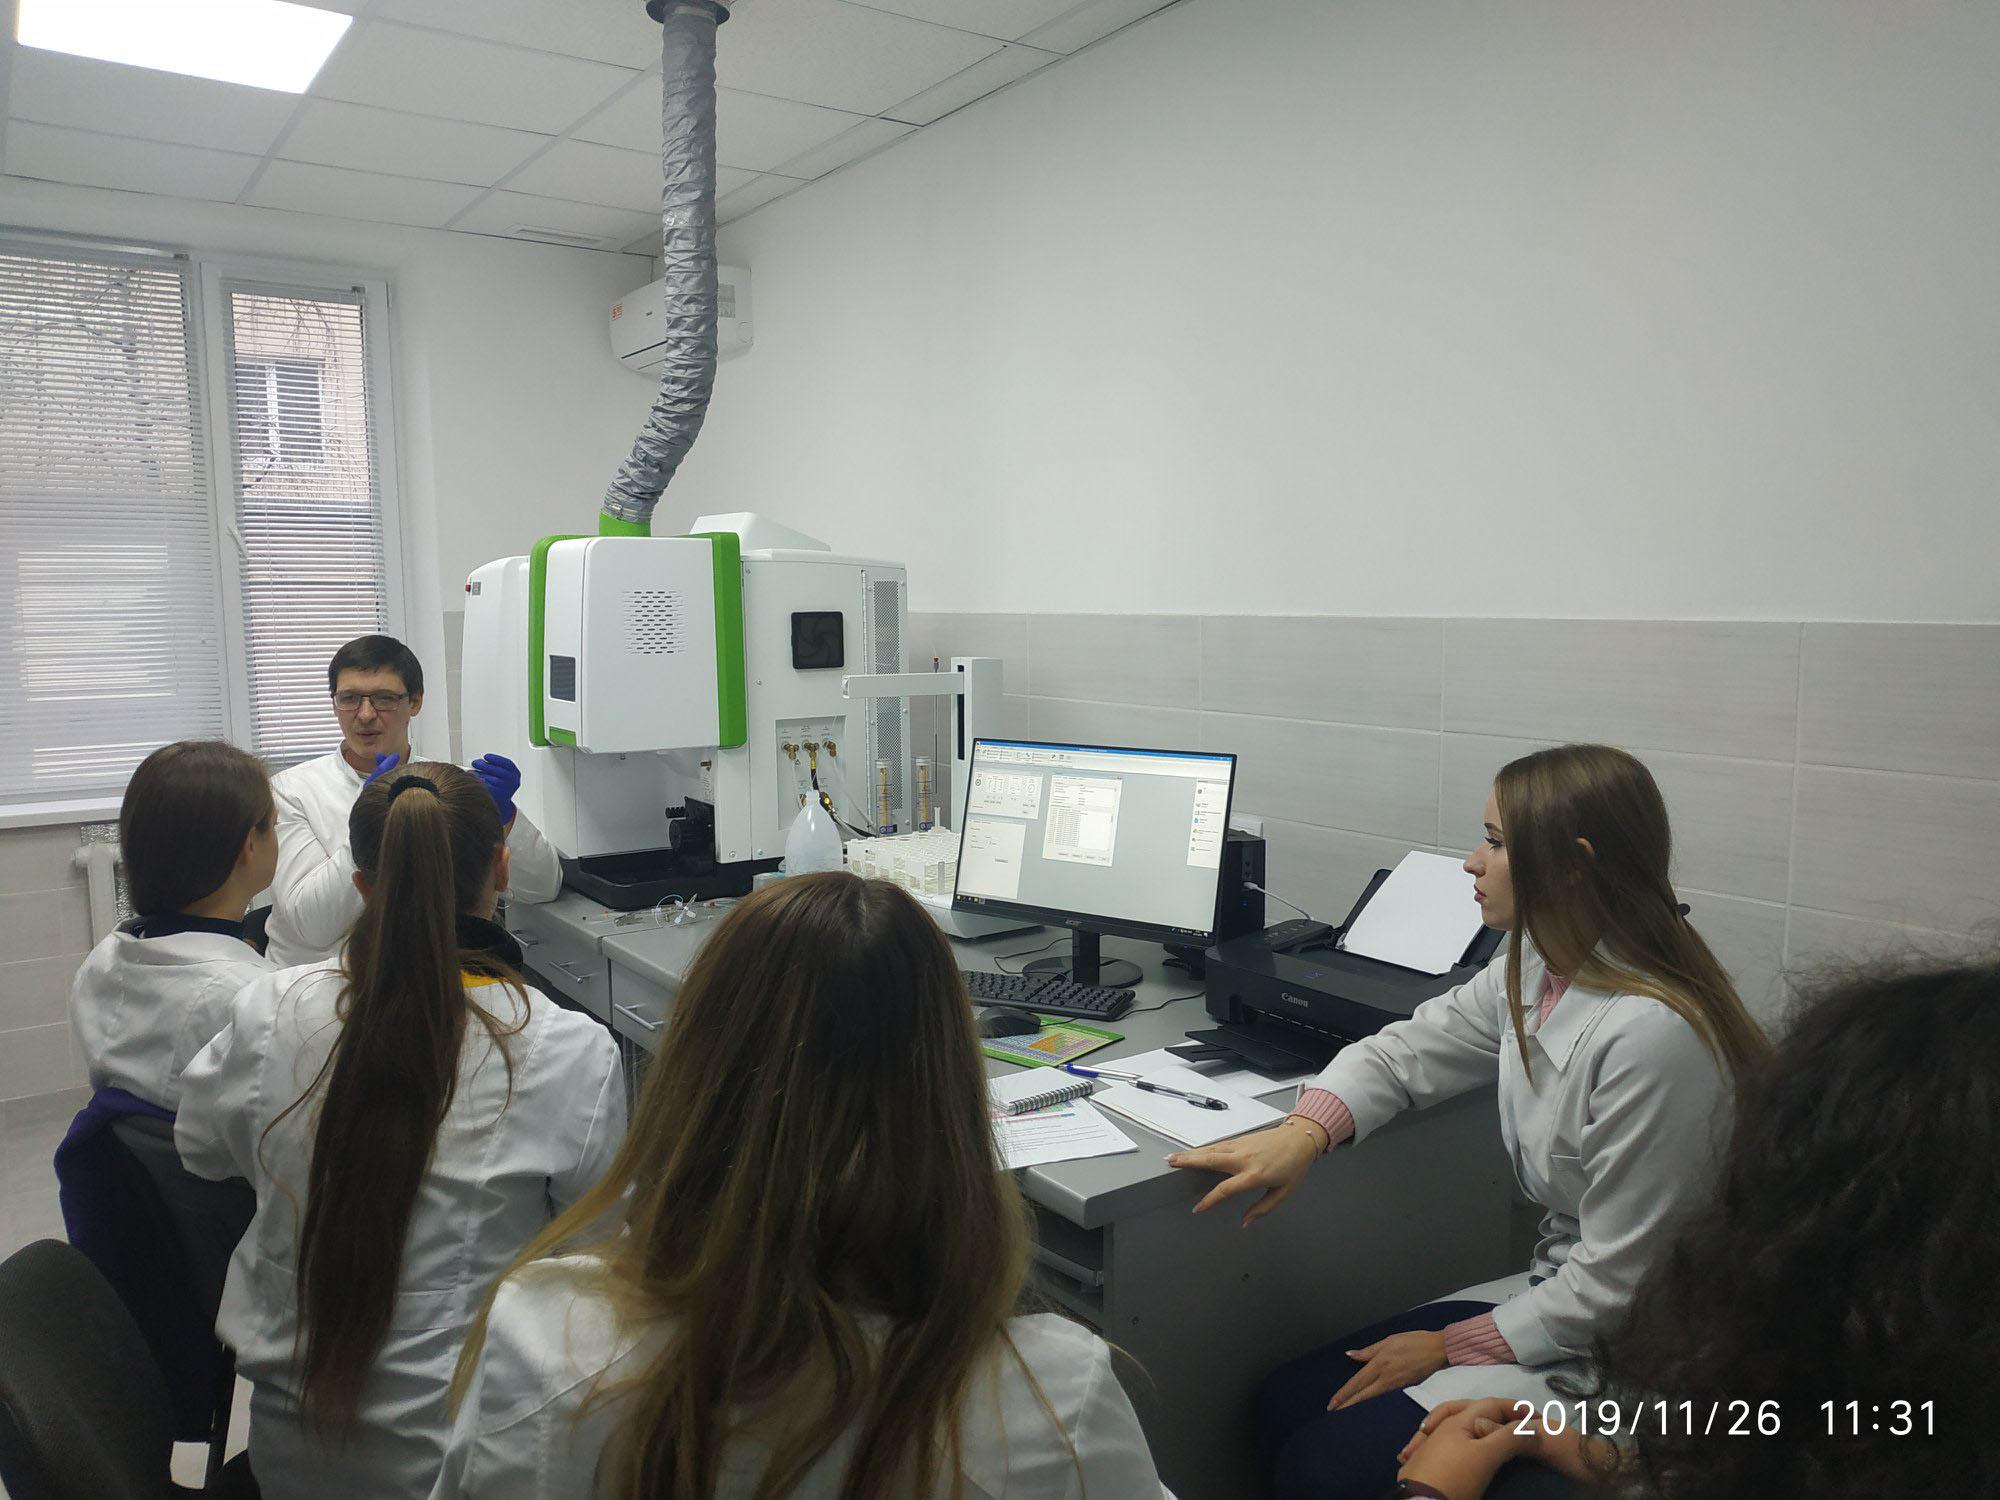 Прикарпатські фахівці отримали обладнання для вивчення води у Дністрі (ФОТО)